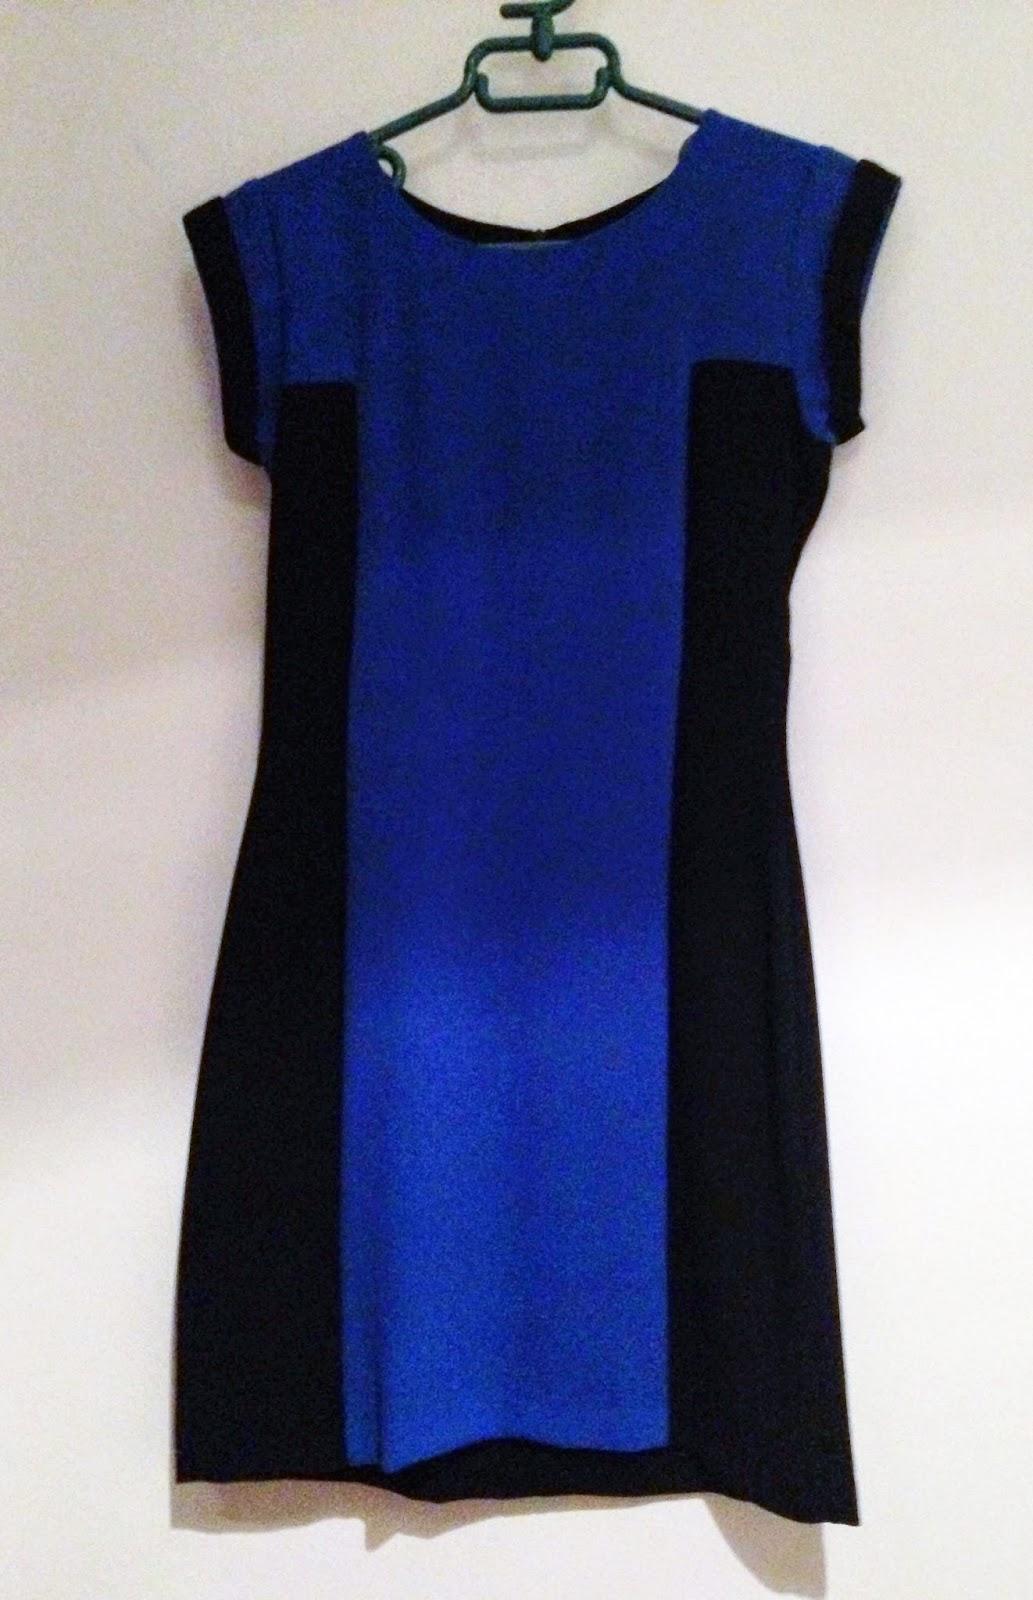 Vestido azul classico novo tamanho s 20€